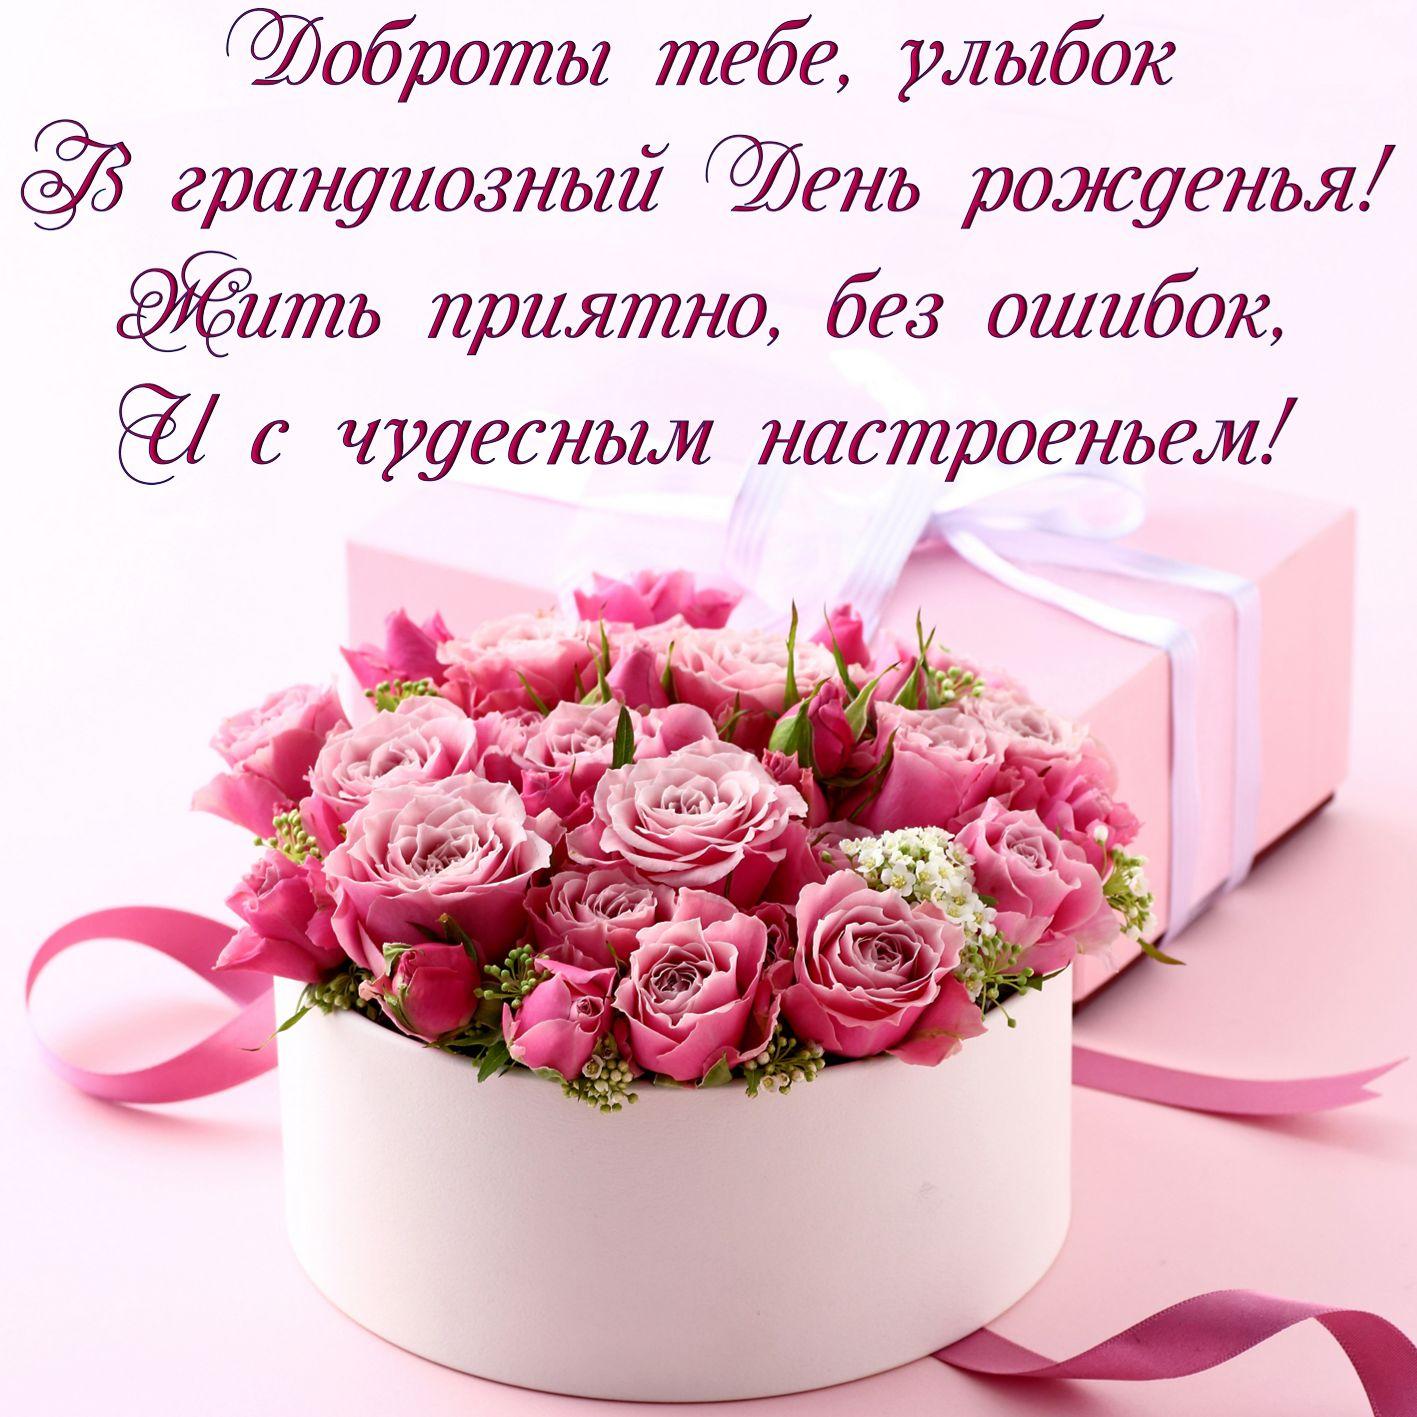 Поздравление заи с днем рождения девушке